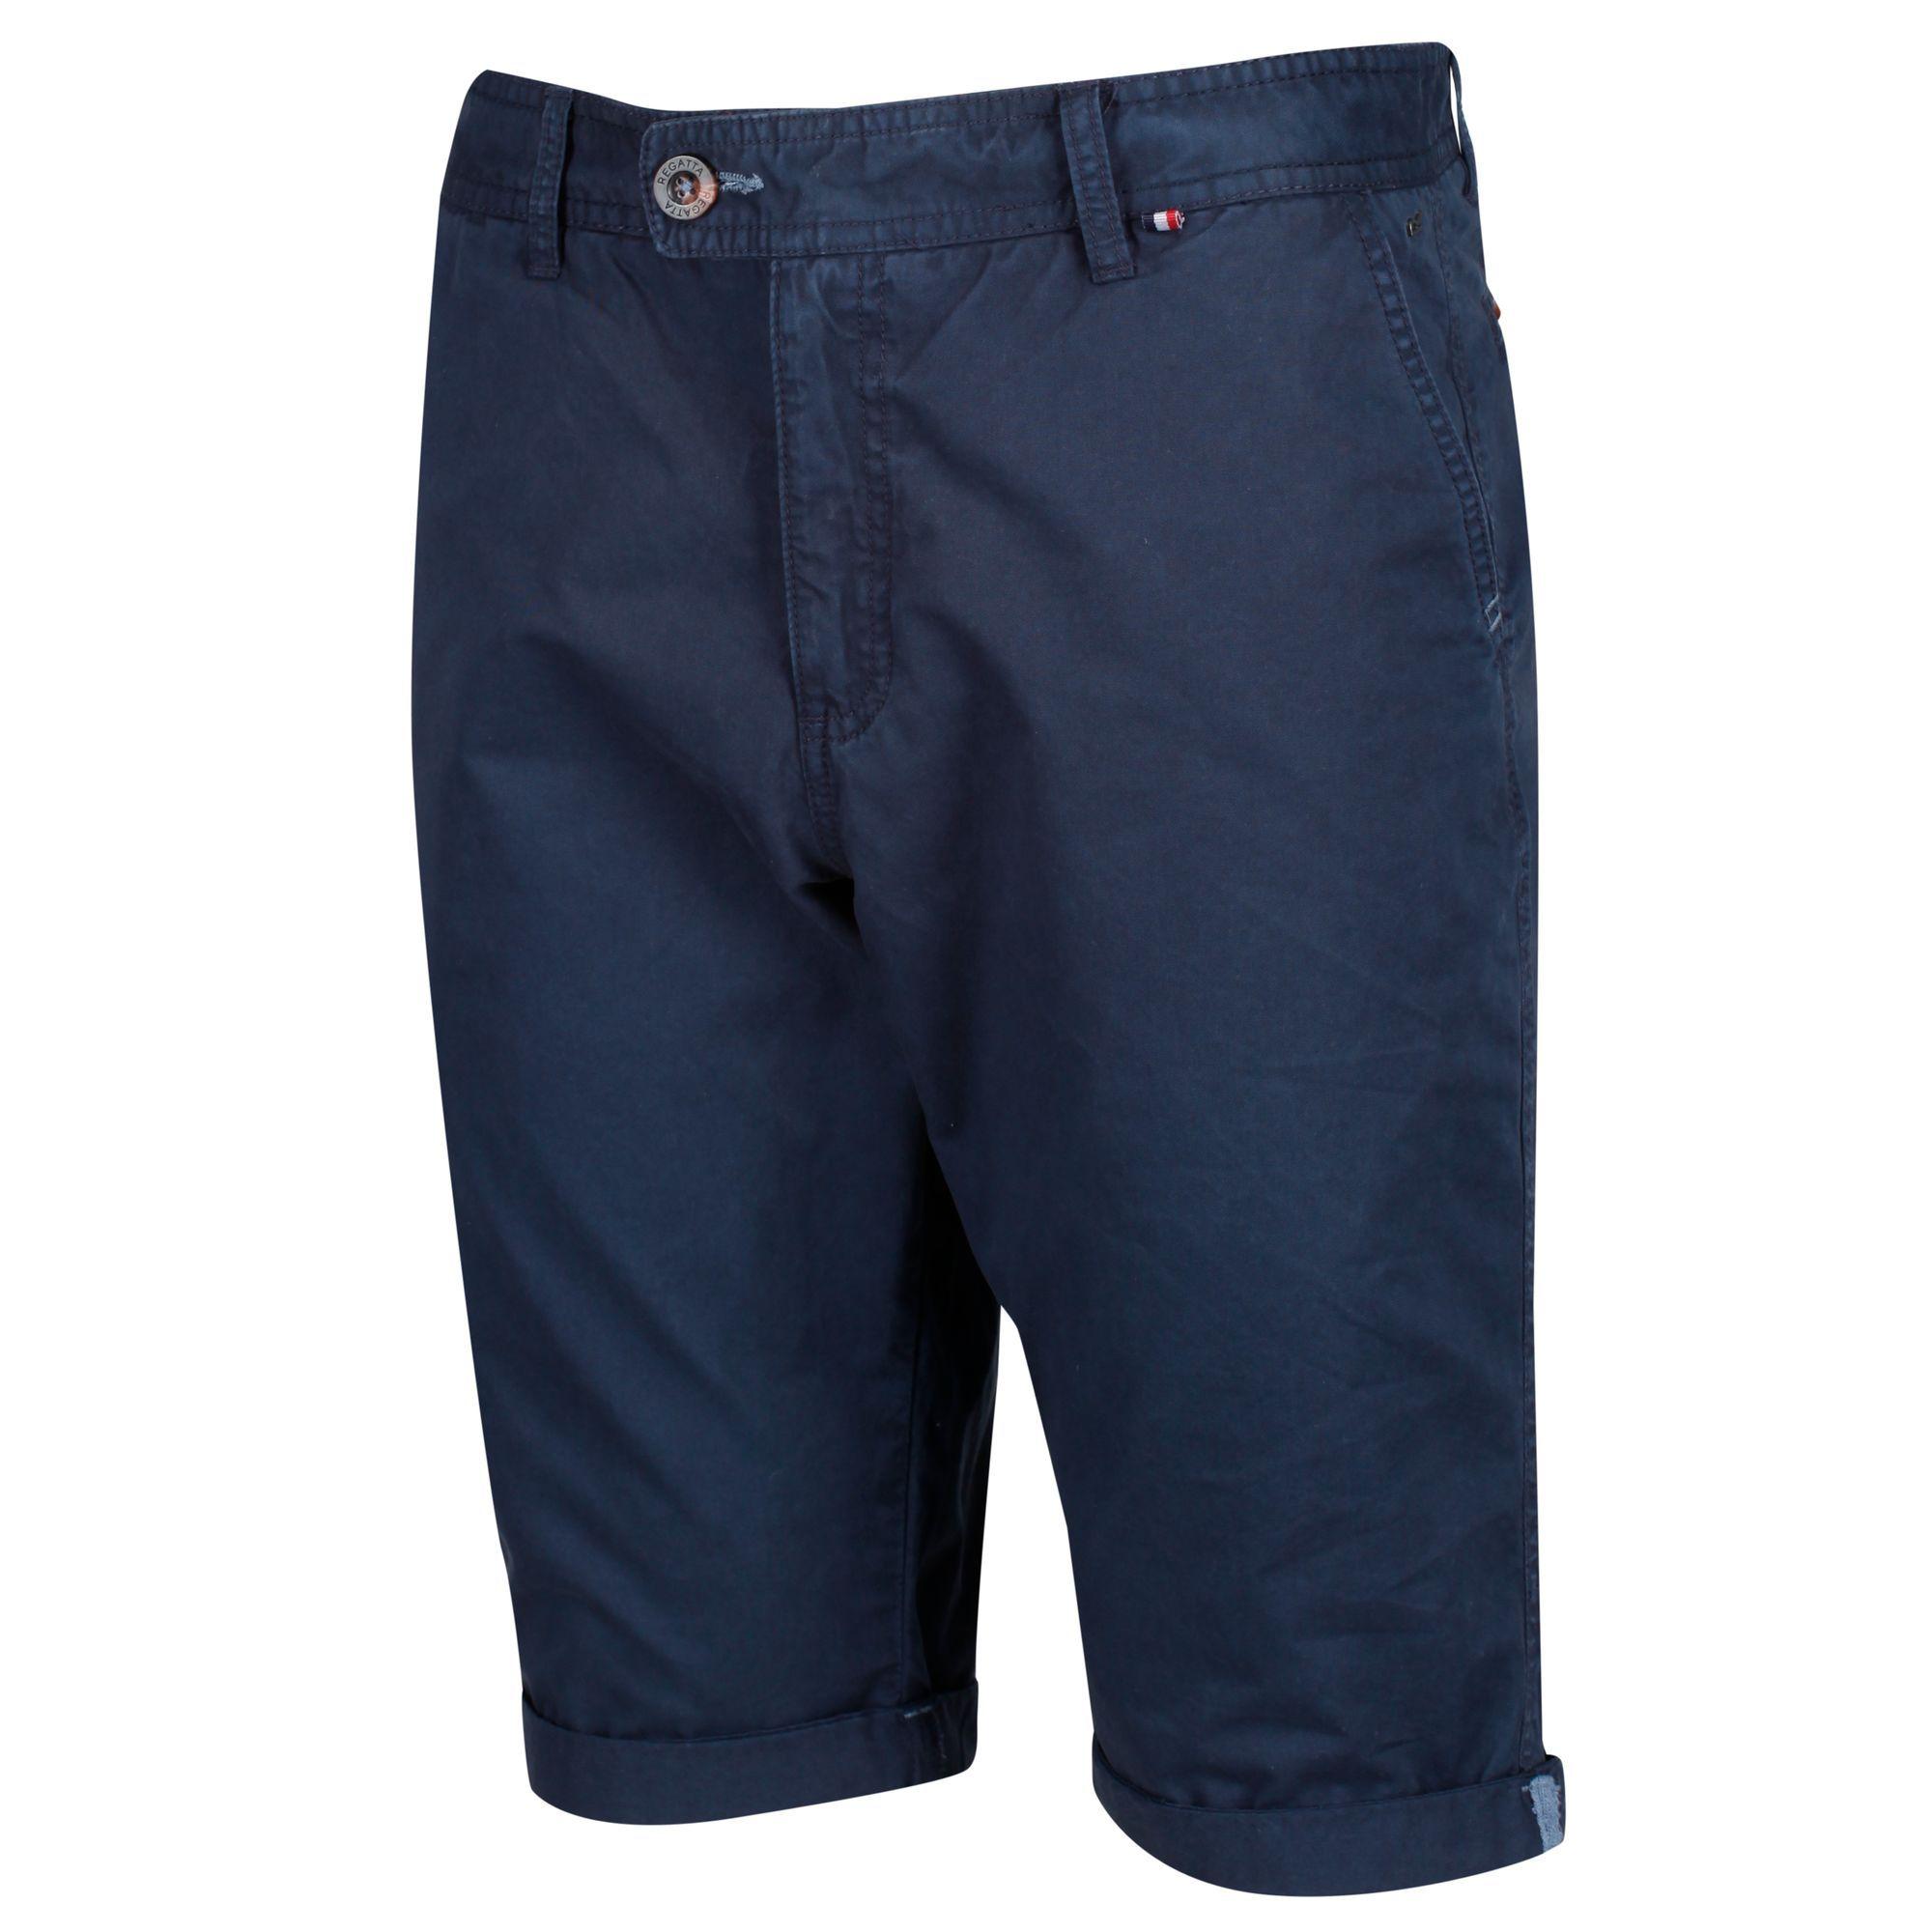 Regatta Mens Santino Coolweave Casual Shorts (Navy)